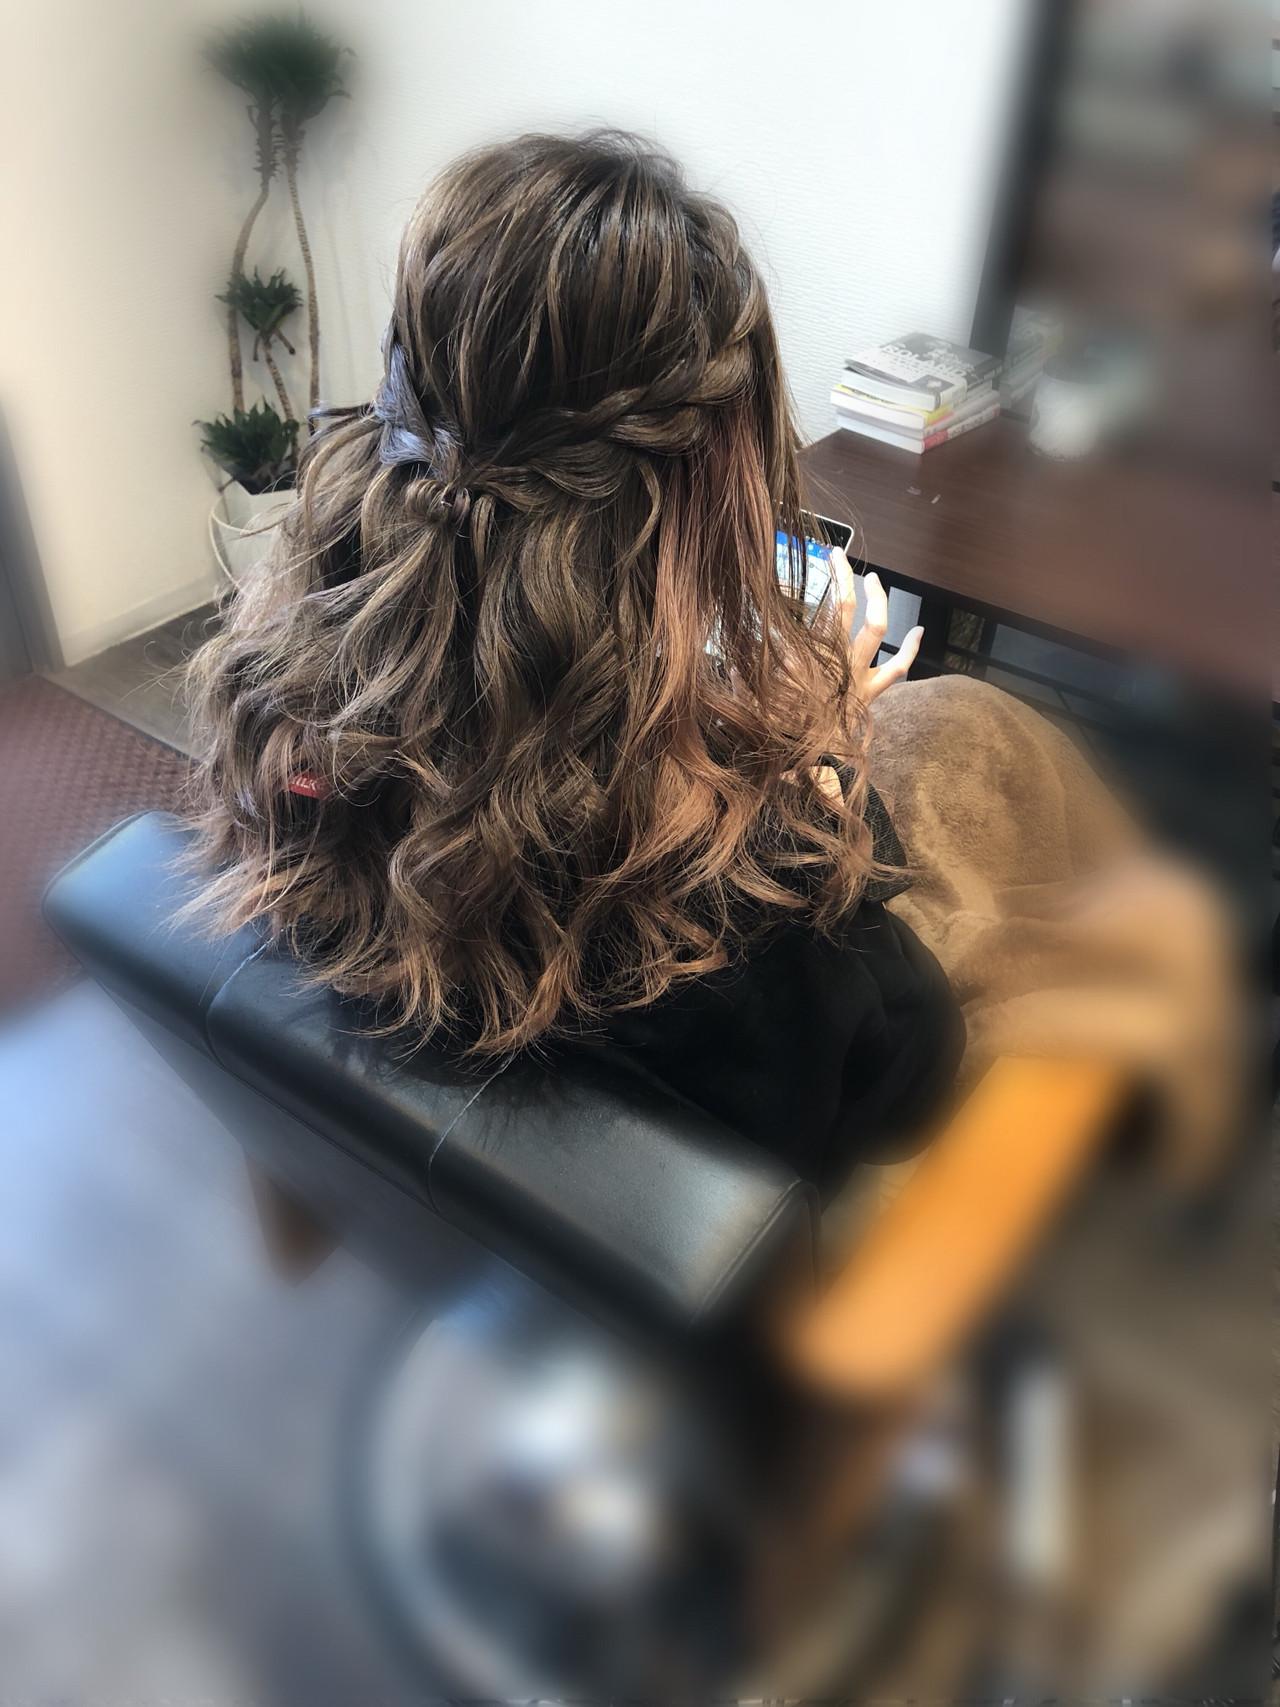 ハーフアップ 編み込みヘア ヘアアレンジ セミロング ヘアスタイルや髪型の写真・画像 | mai / HAIR SALON STELLA